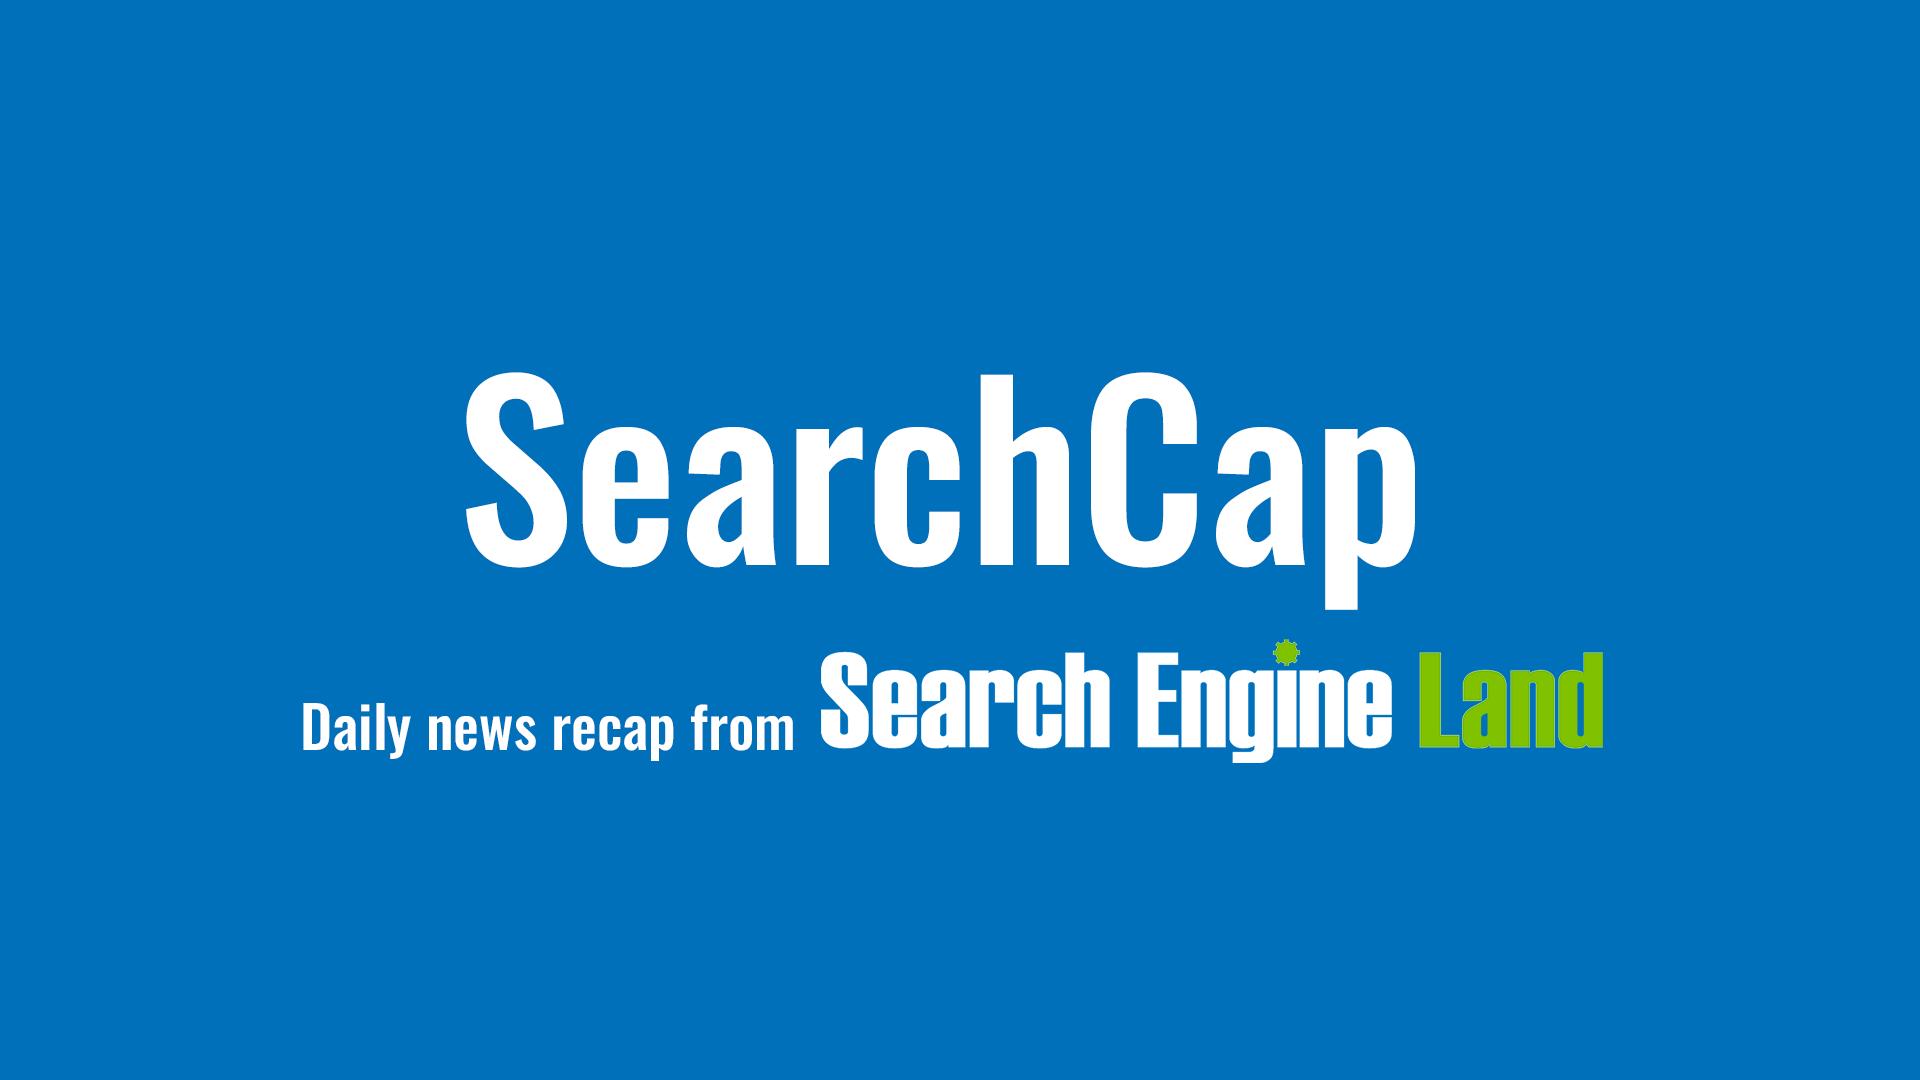 searchcap-header-v2-scap